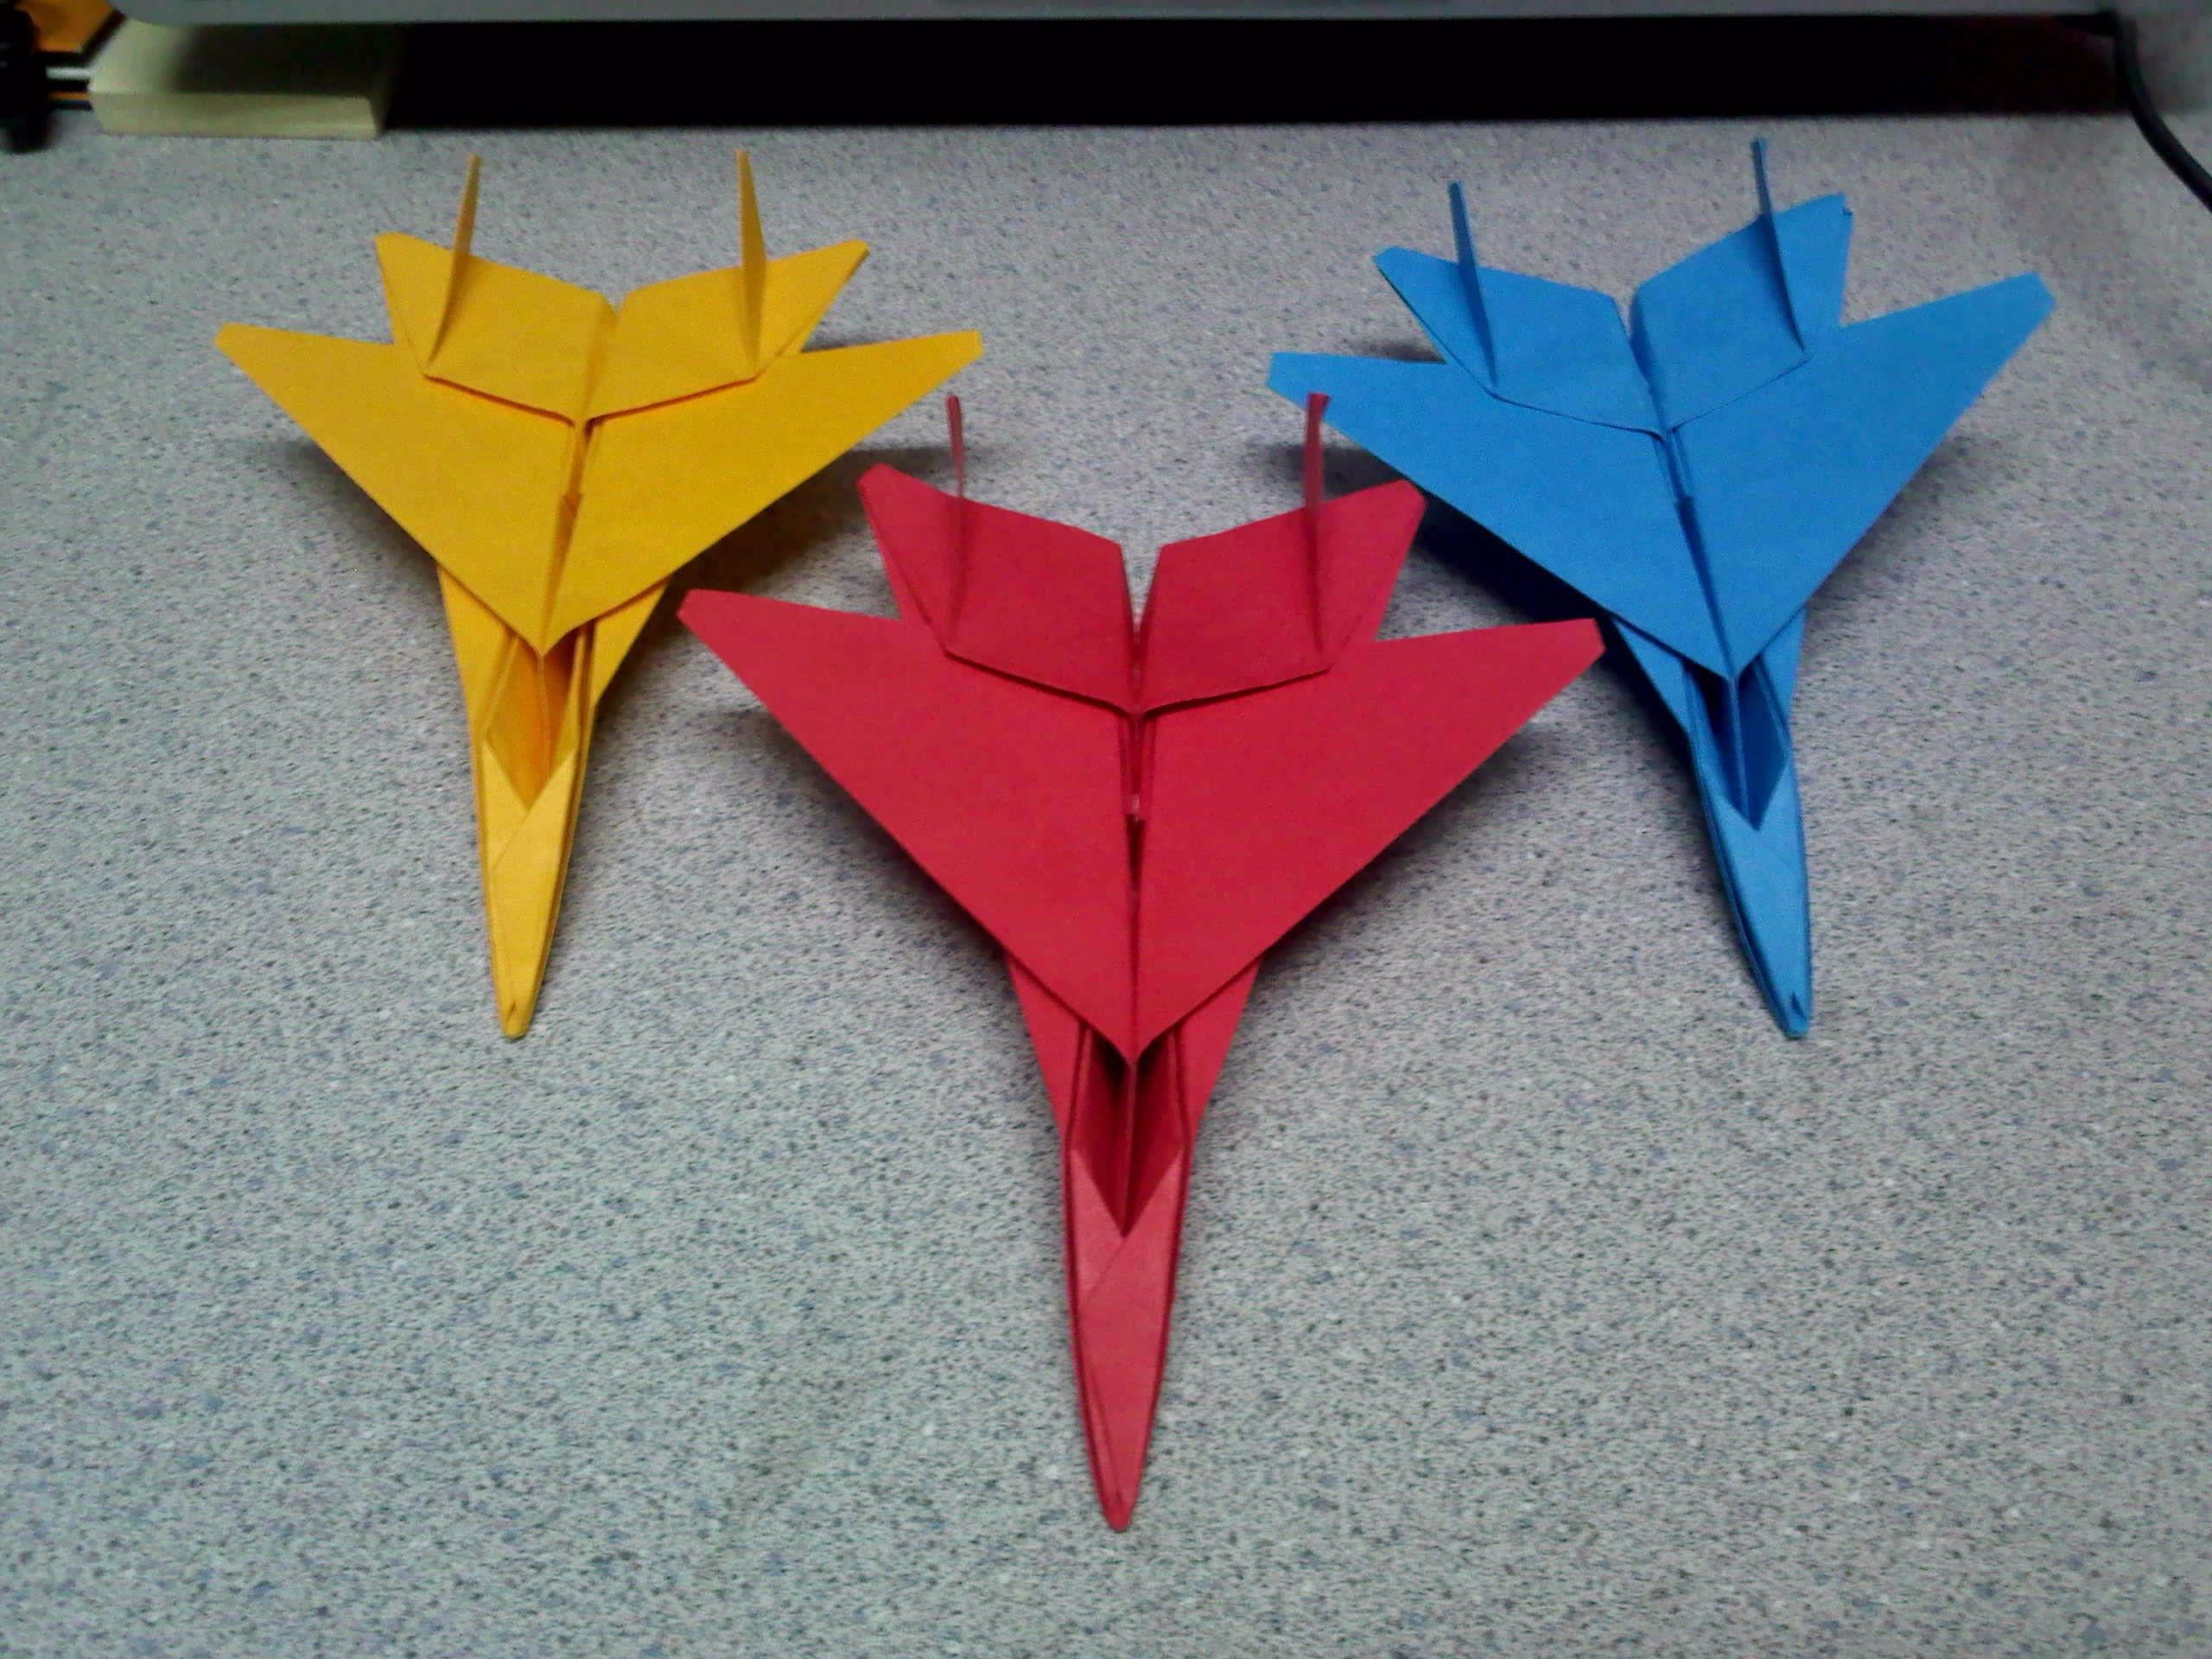 Origami F15 Eagle Jet Fighter Flugzeug Stockfoto und mehr Bilder ... | 1920x2560